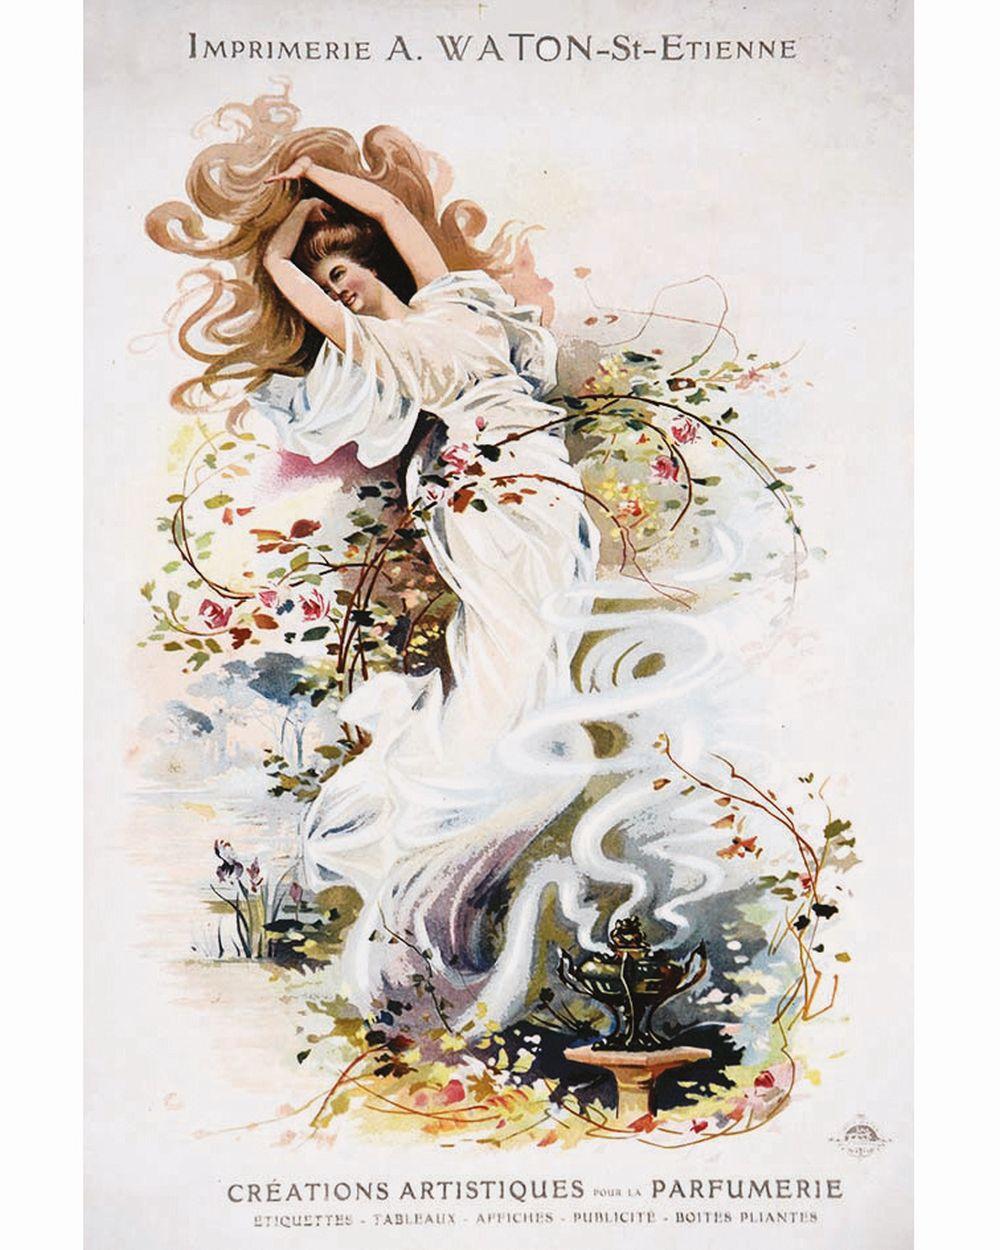 Imprimerie A. Waton Créations Artistiques pour la Parfumerie     vers 1900  Saint Etienne (Loire)